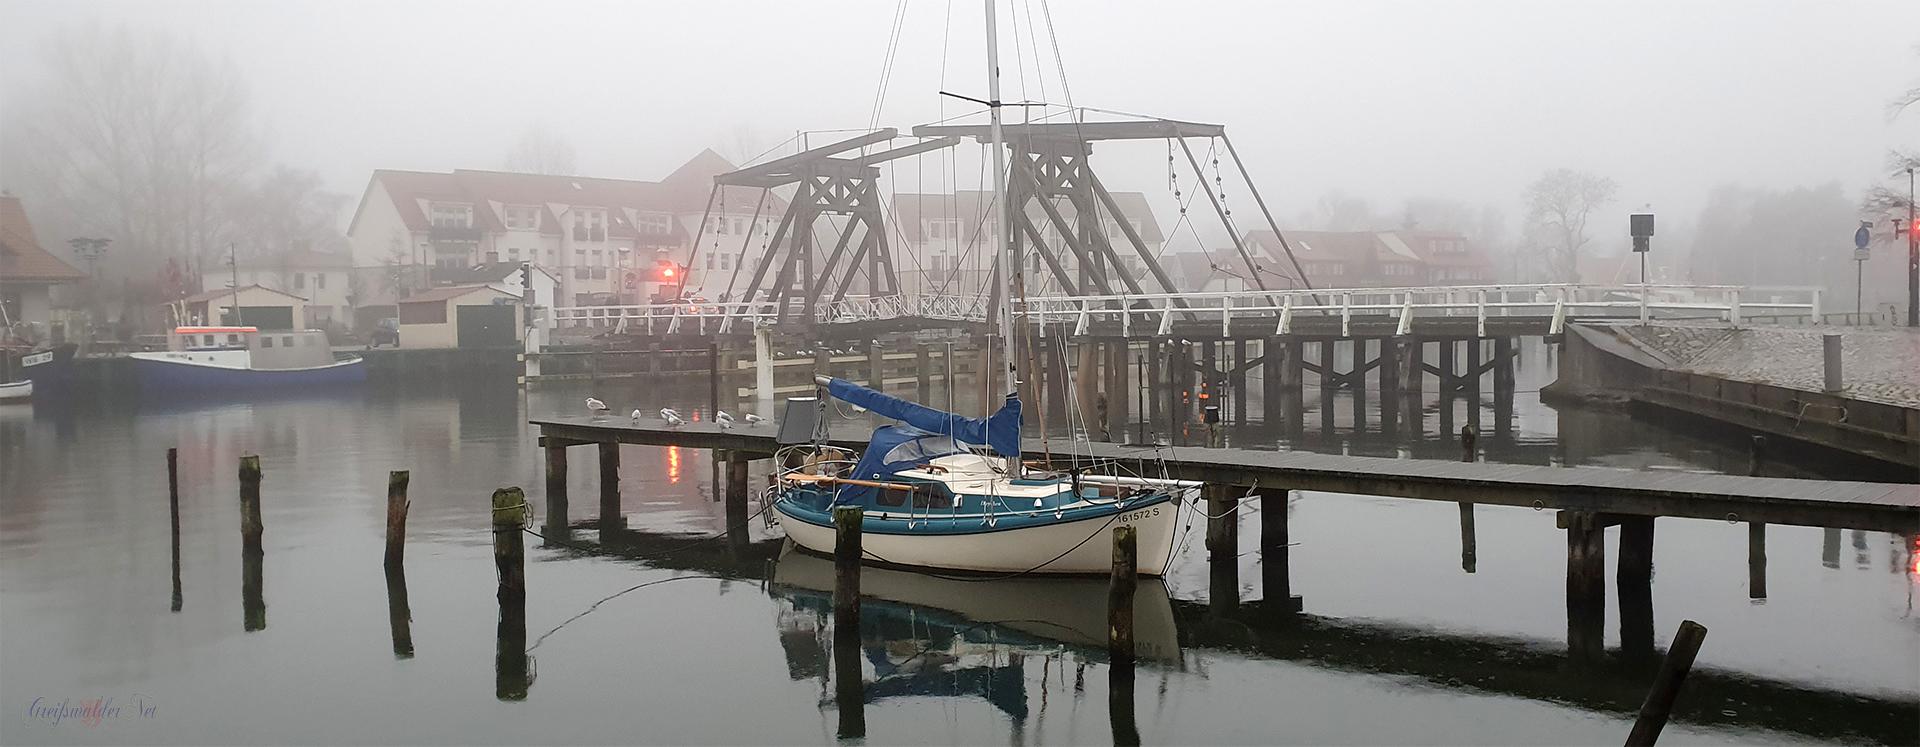 Nebel und Nieselregen an der Brücke in Greifswald-Wieck